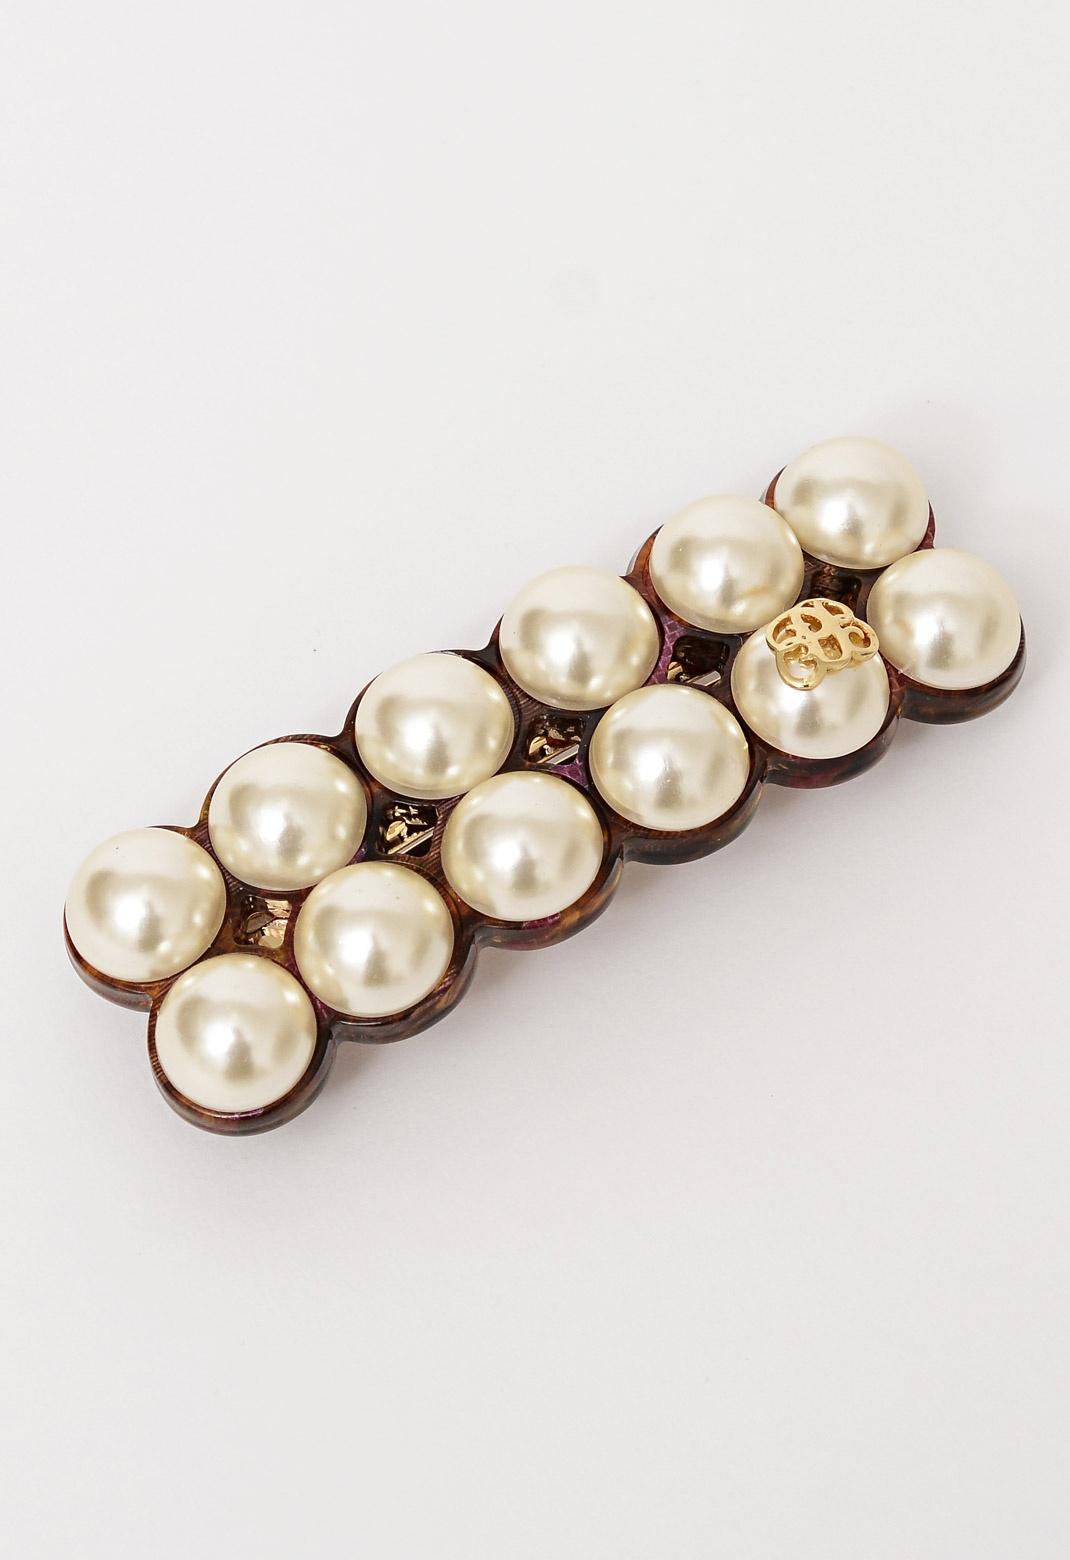 ロゴ入り パール バレッタ(chloe pearl barrette)